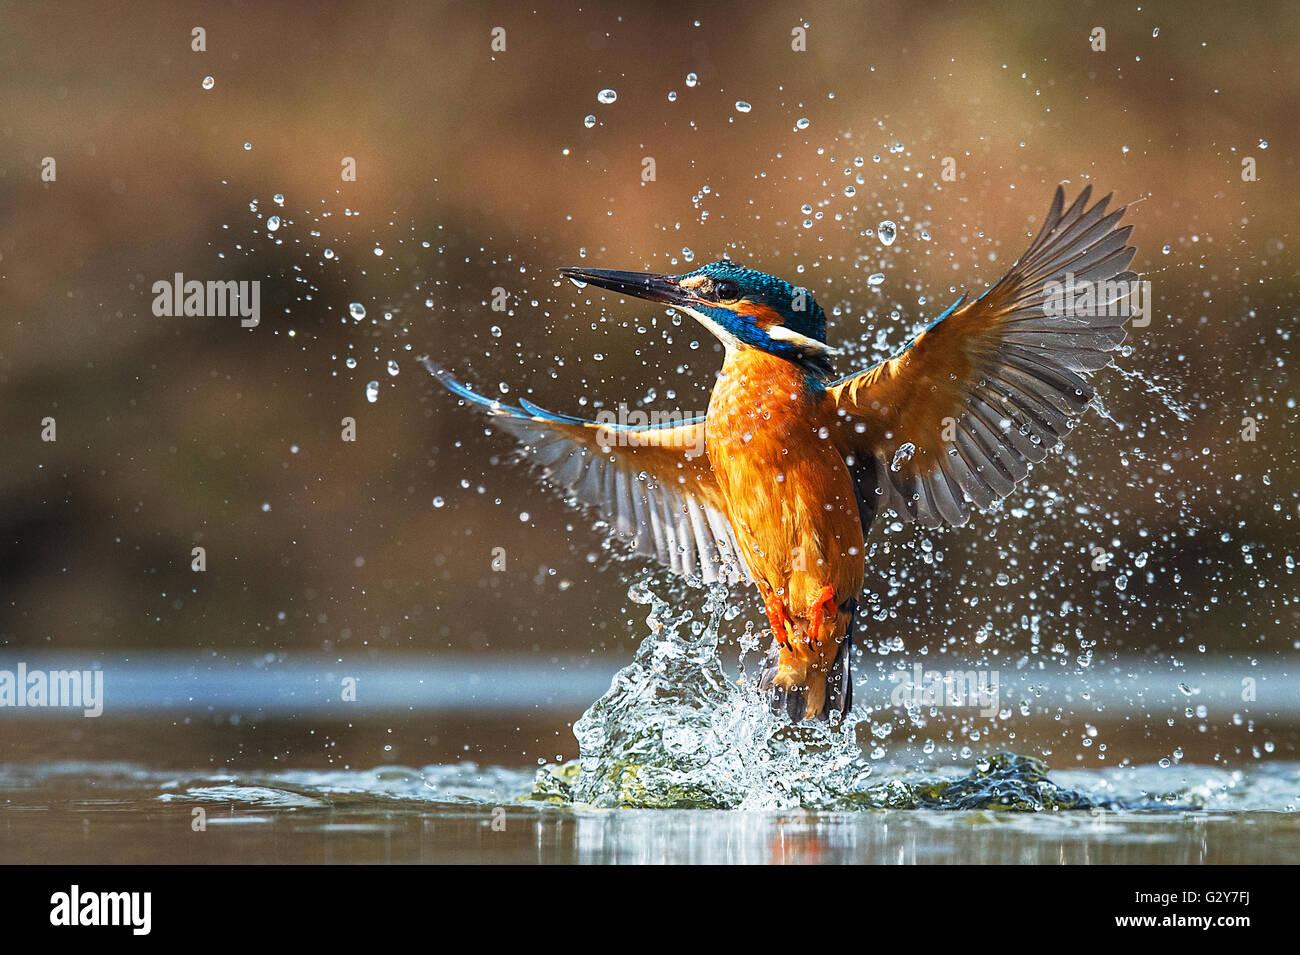 Kingfisher emergenti dall'acqua Immagini Stock